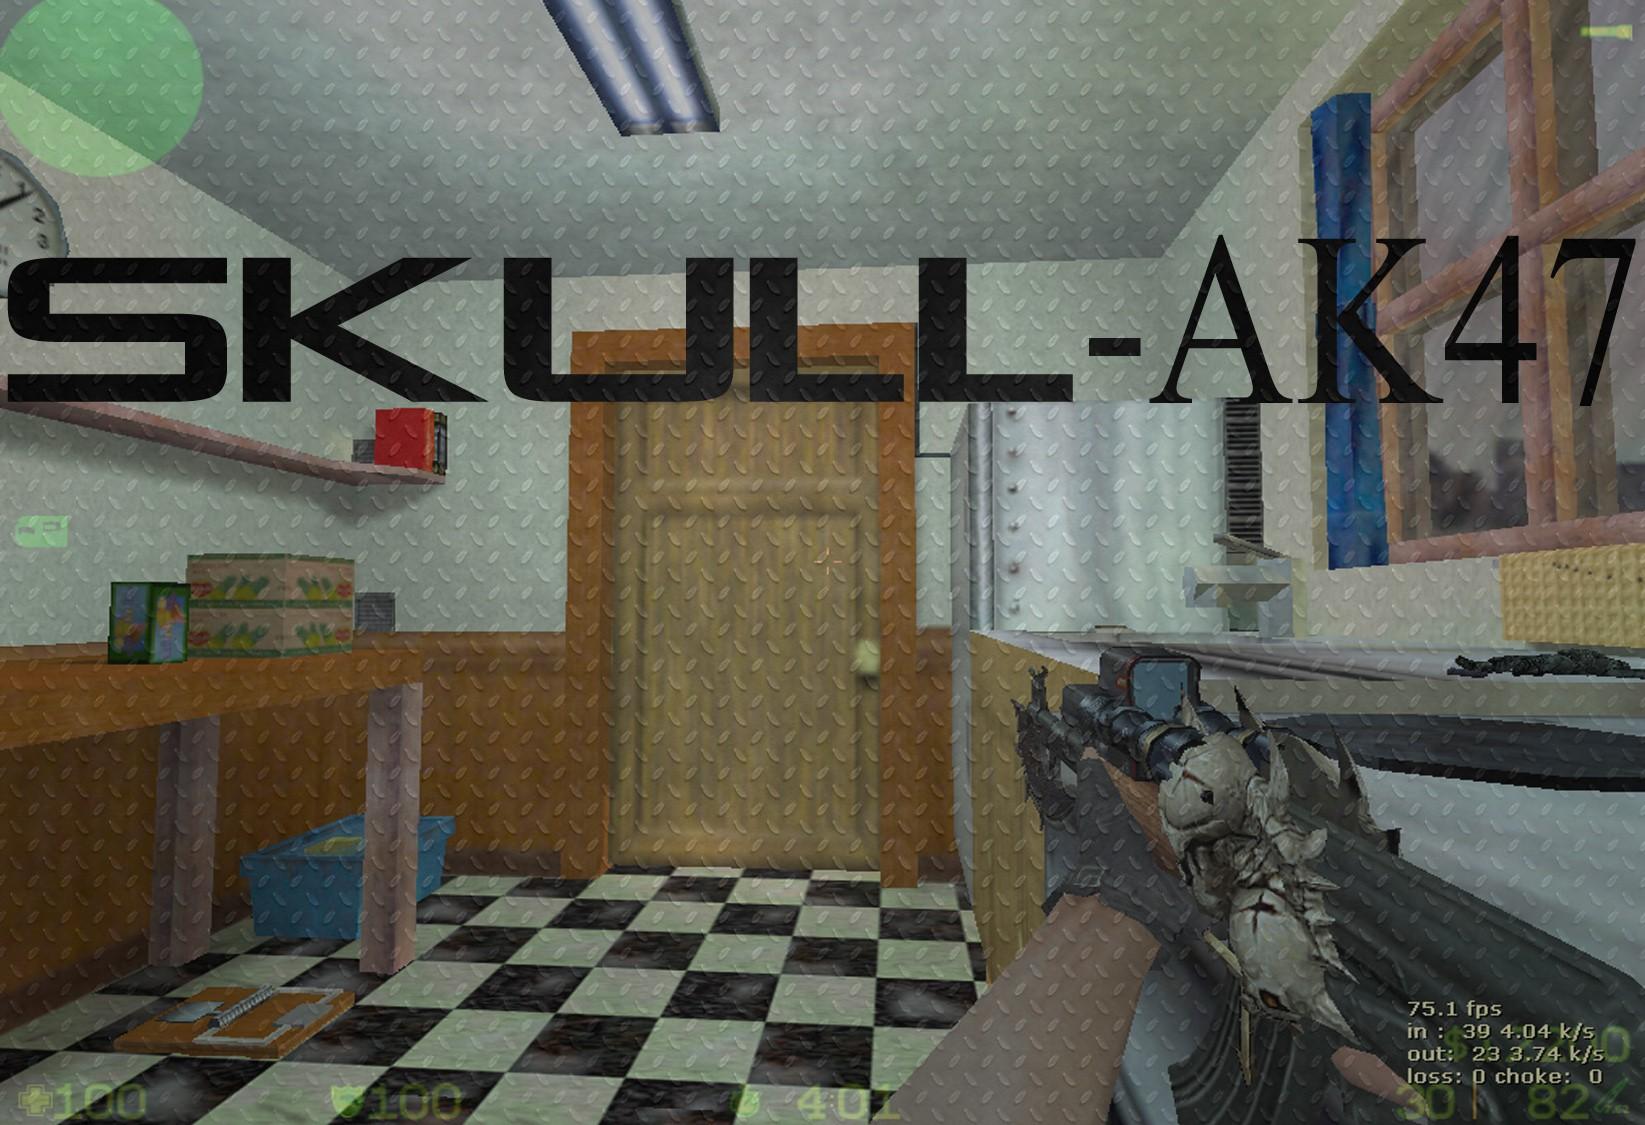 دانلود اسکین جمجمه برای AK47